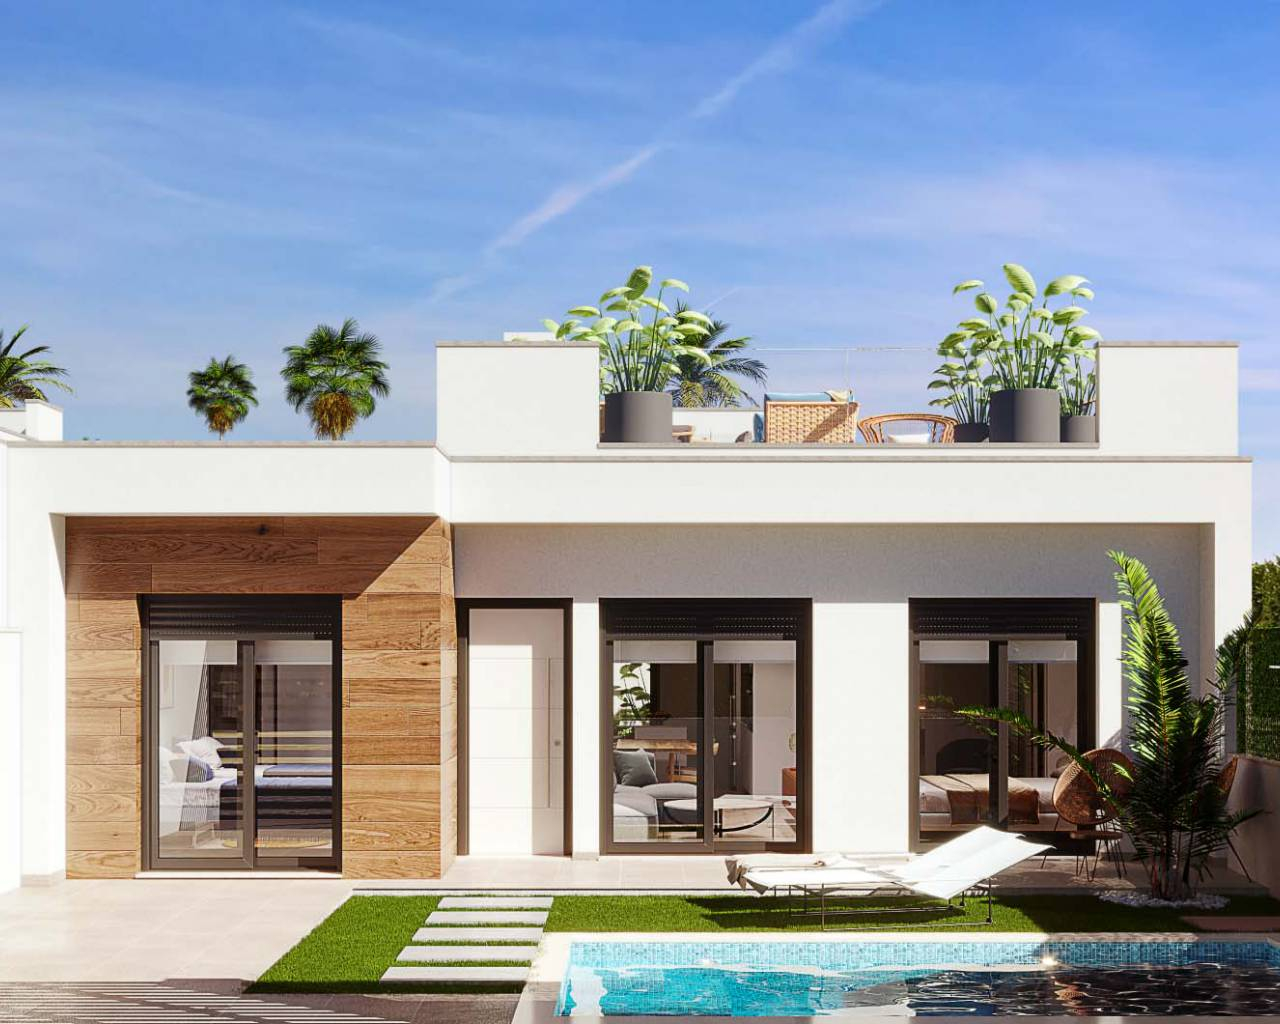 nieuwbouw-geschakelde-woning-duplex-torre-pacheco-dolores_5565_xl